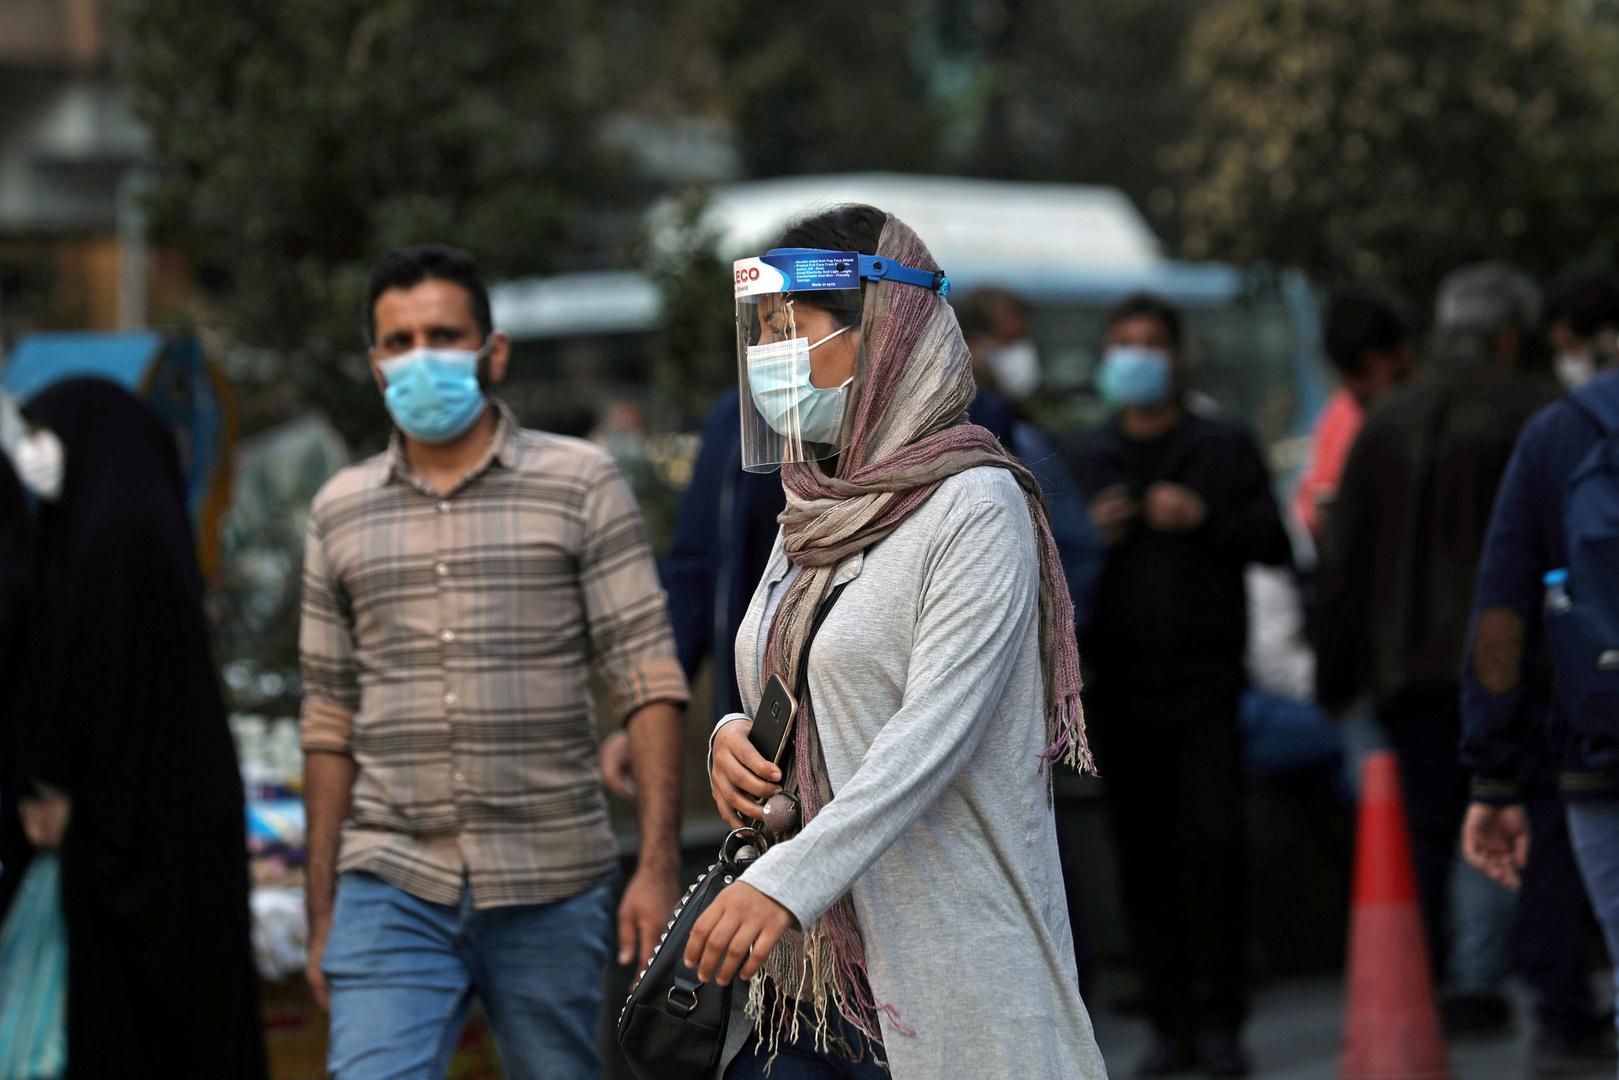 وزير الصحة الإيراني: سنبدأ بإنتاج لقاح كورونا مطلع العام المقبل